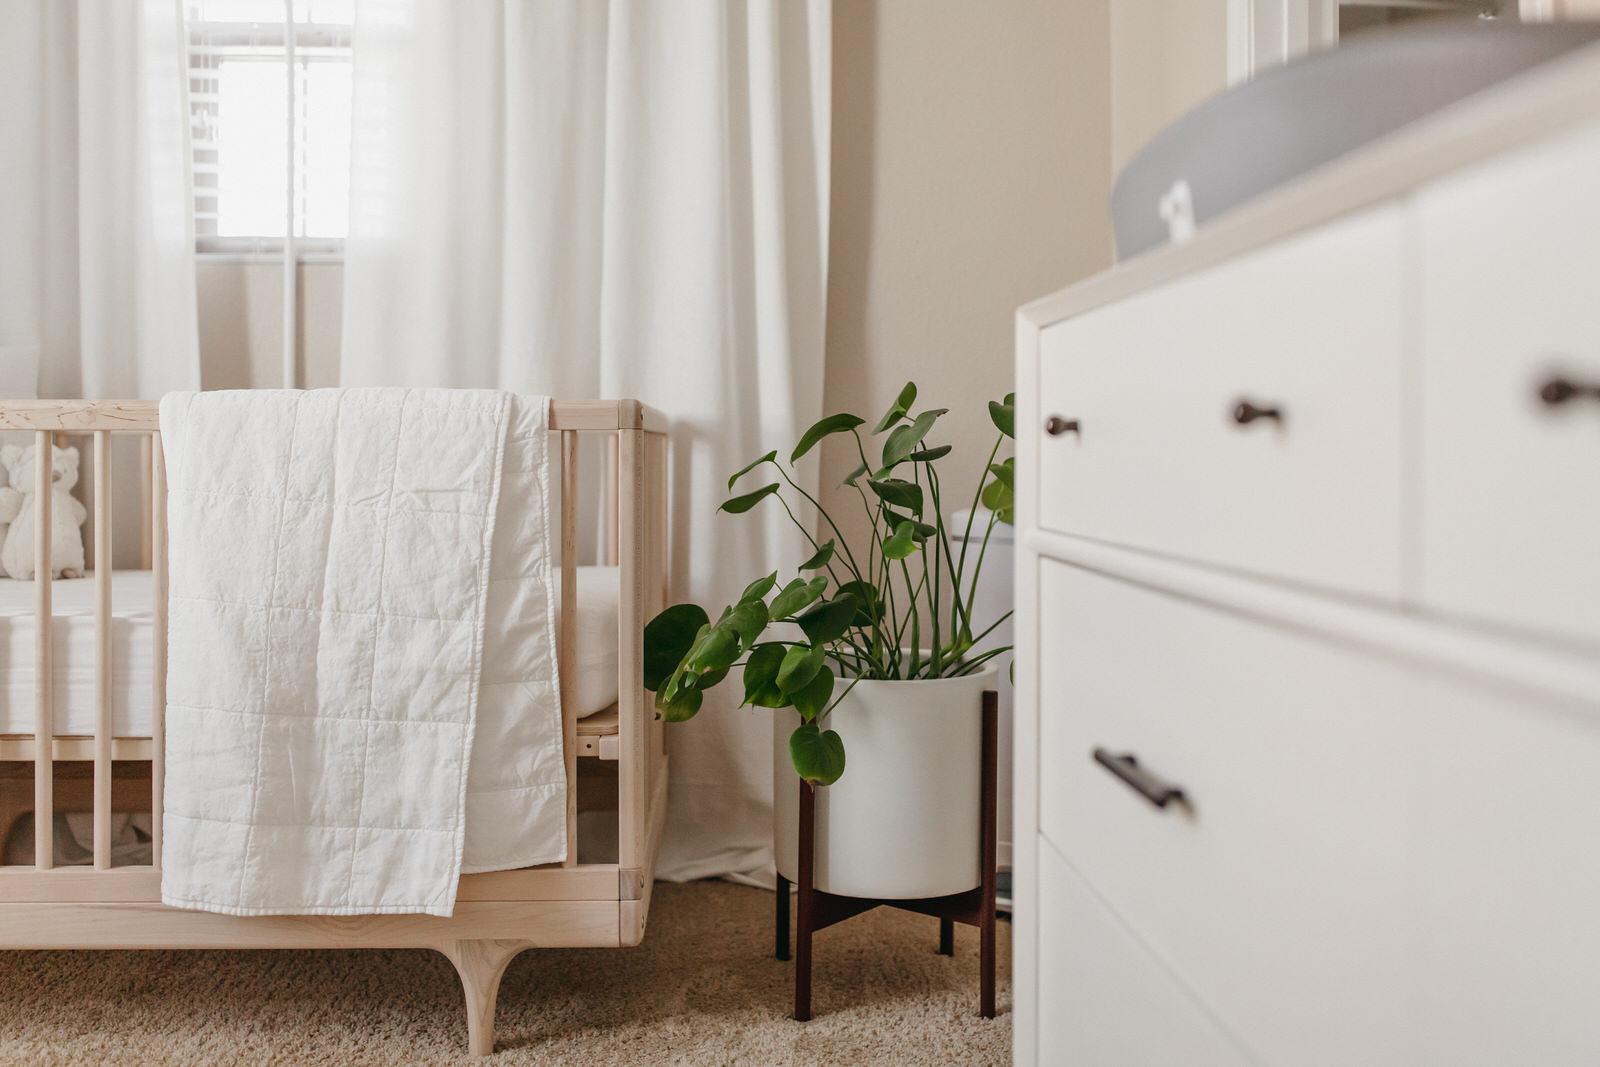 Chloé's Nursery - Baby's Room - V1 (43 of 48).jpg